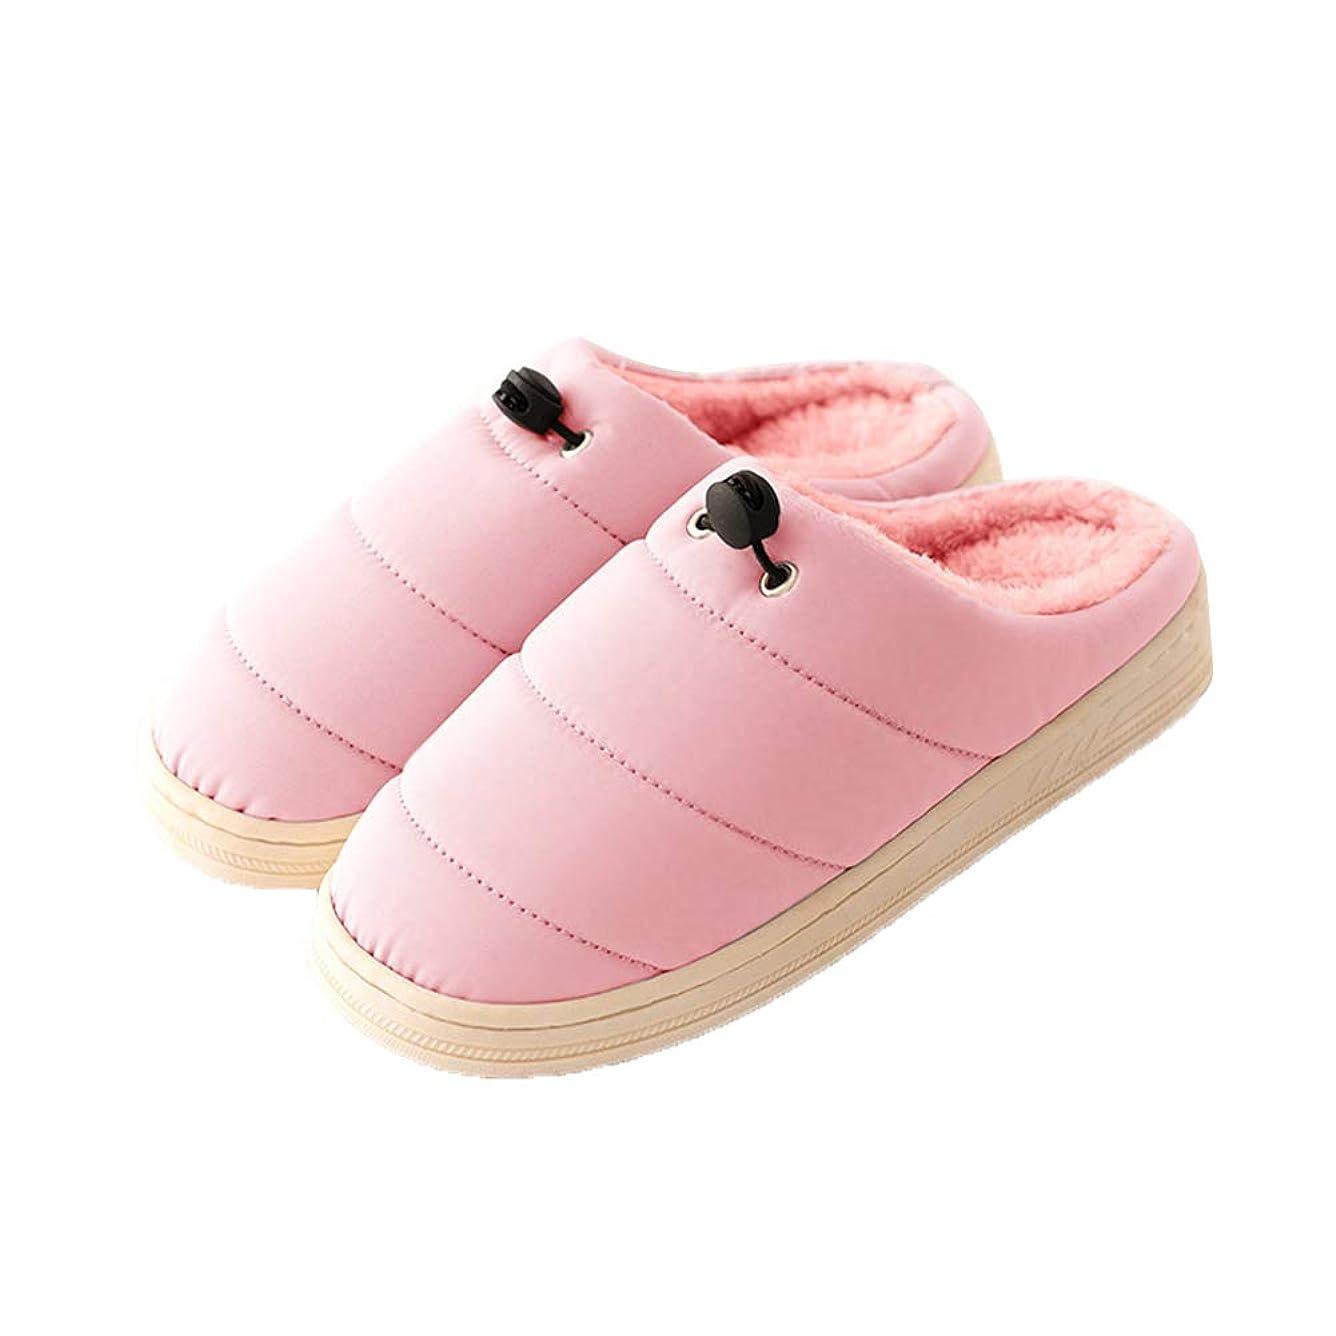 保持するラベル日没コットンスリッパ ルームシュー 綿スリッパ 室内スリッパ ソリッドカラーメンズ女性セミパッケージ防水1ワード保温保温キルティング弾性バックル TINGTING (色 : Pink, サイズ さいず : 40-41)